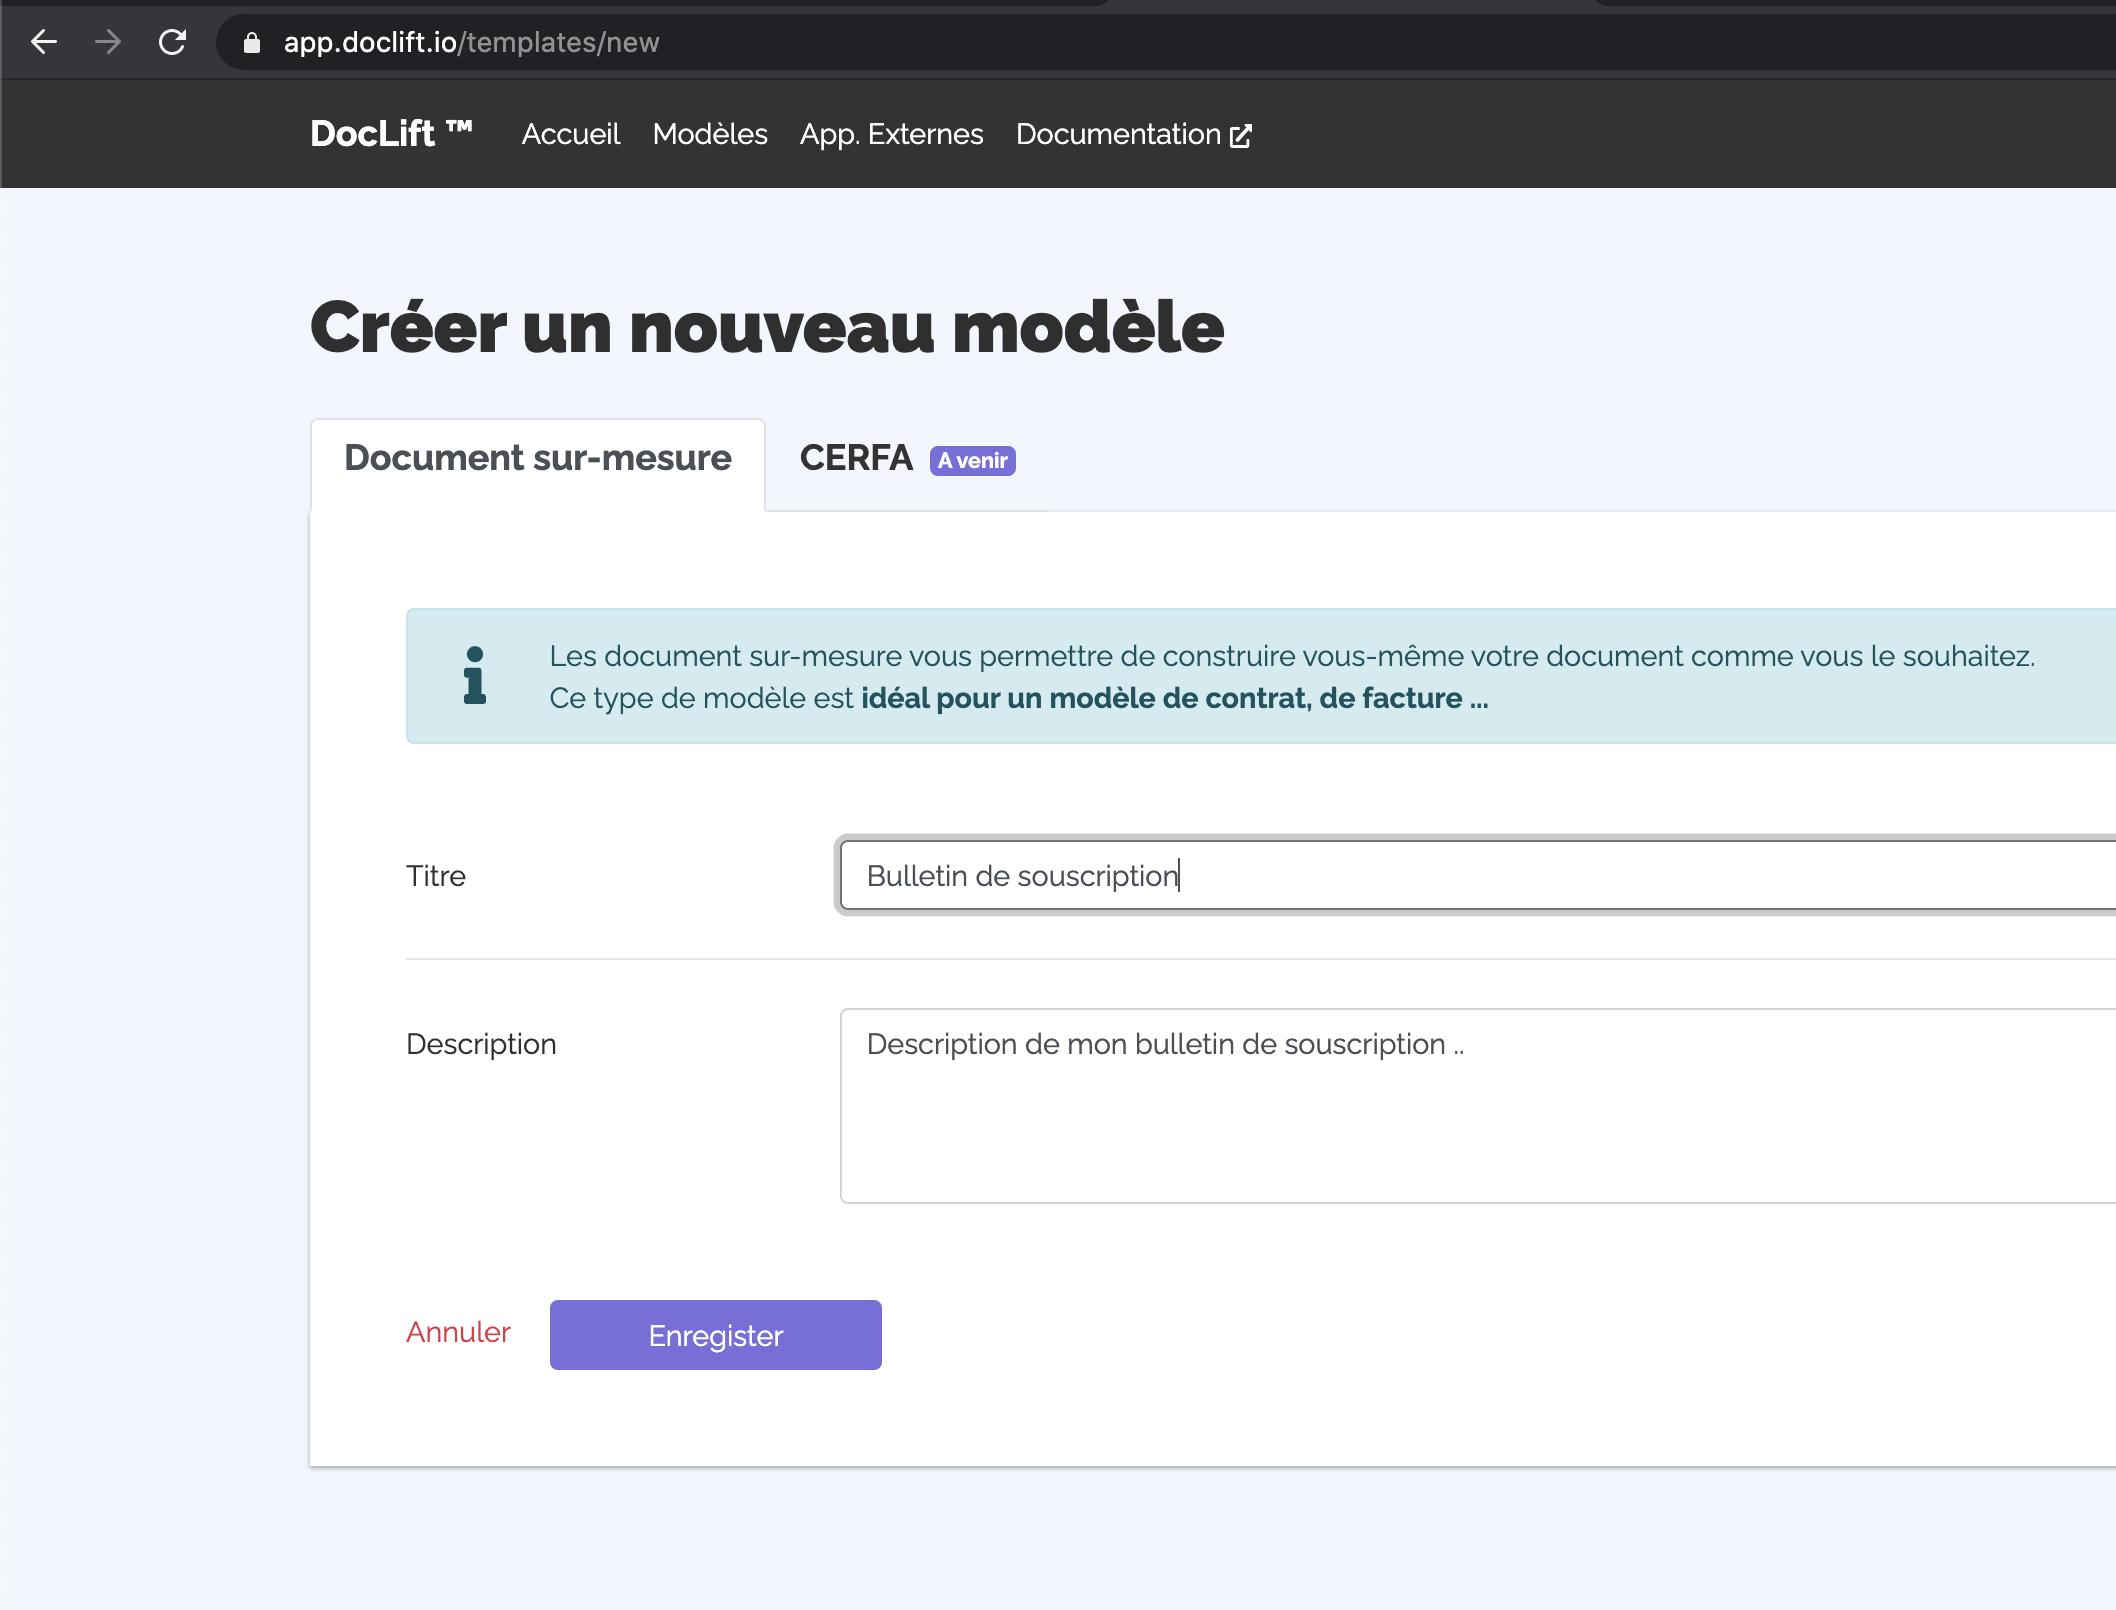 Formulaire de création d'un modèle de PDF sur Doclift.io